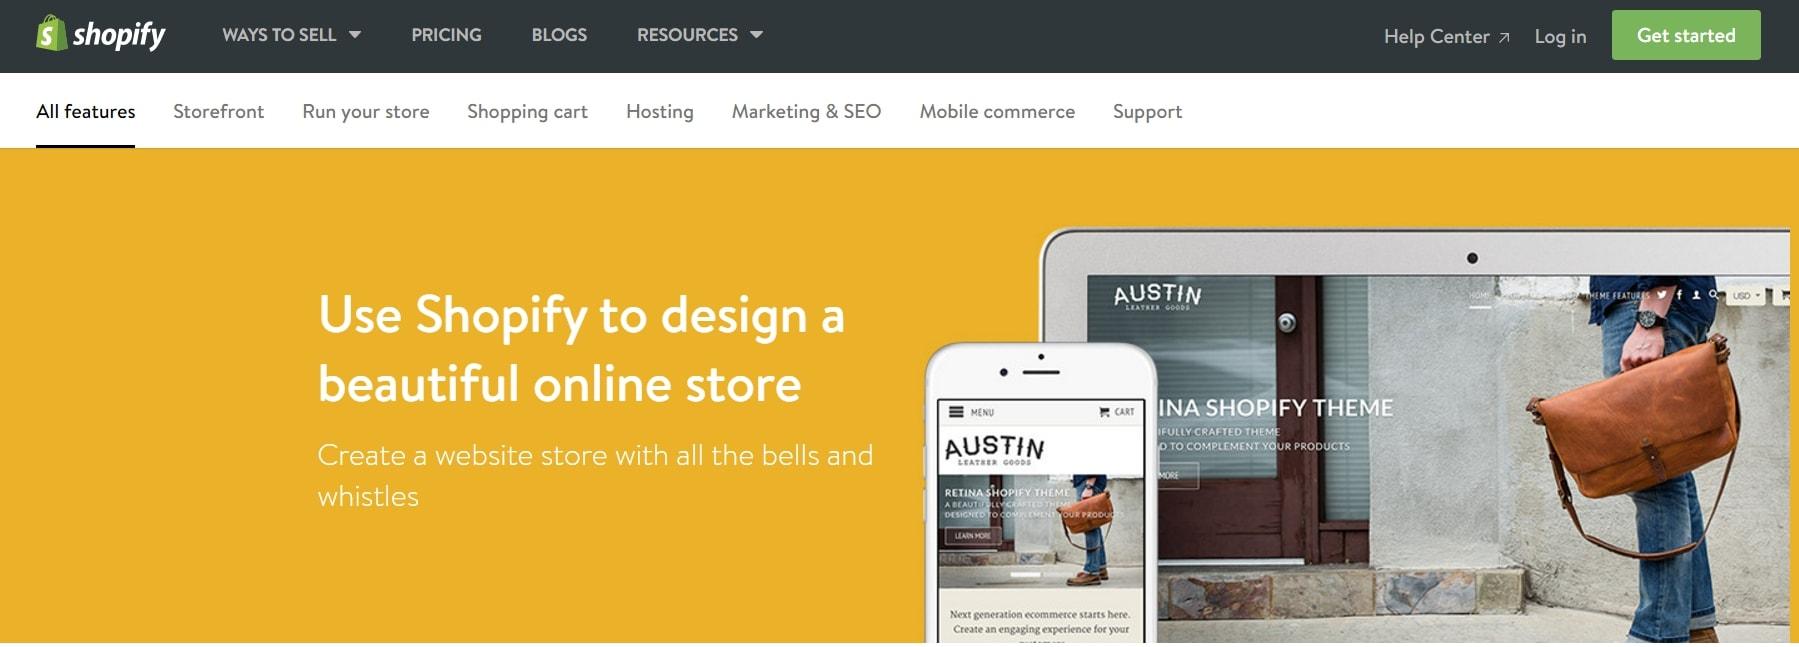 shopify-website-builder